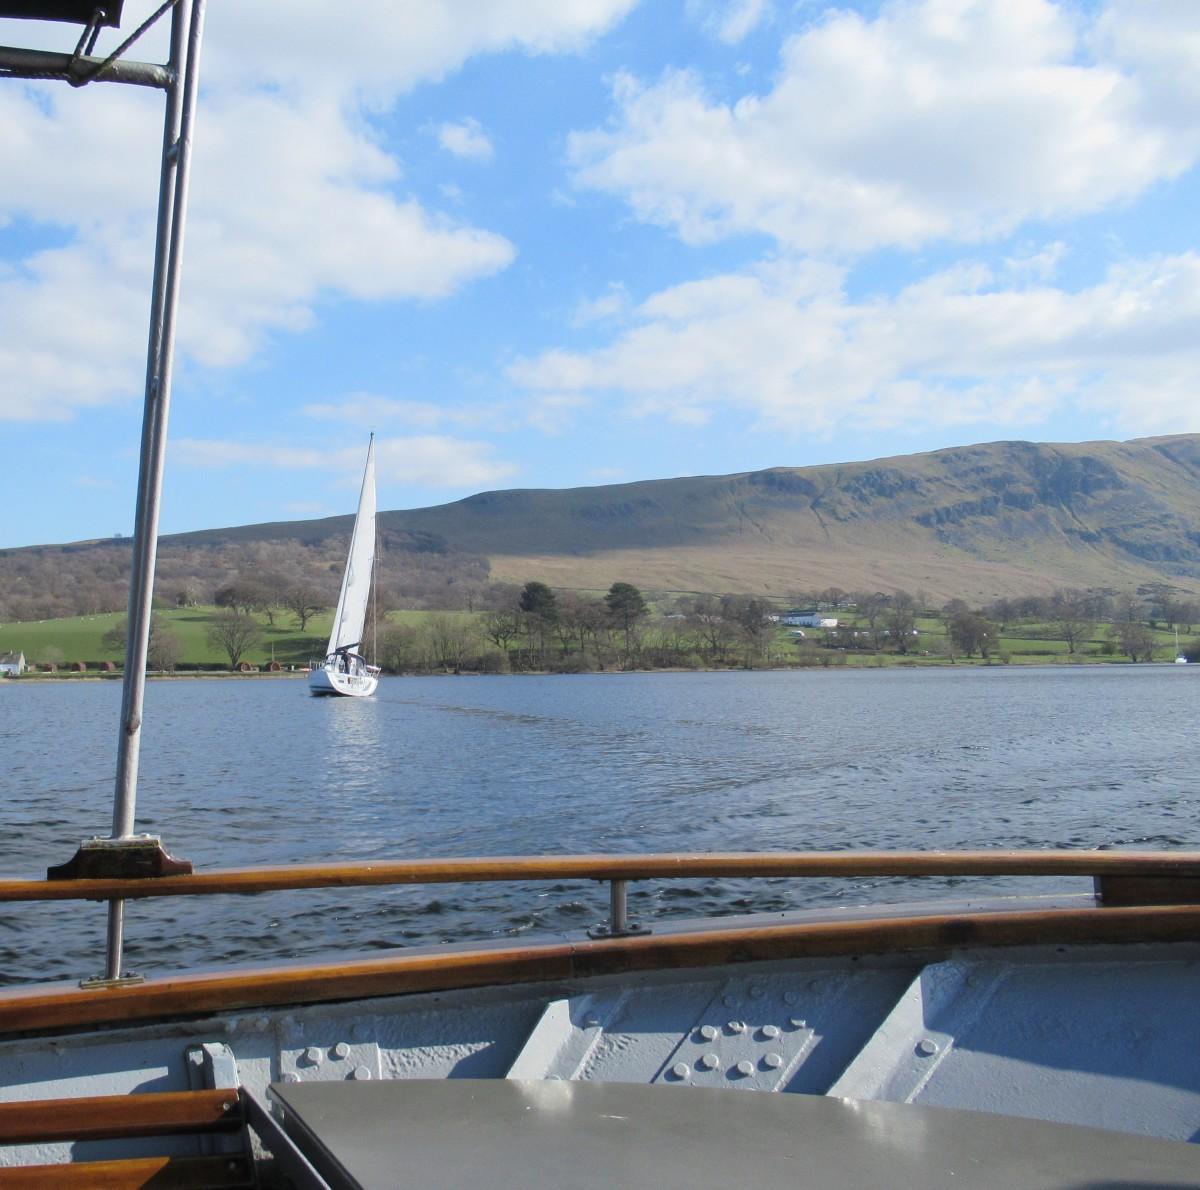 Sailing under Sweeping Skies